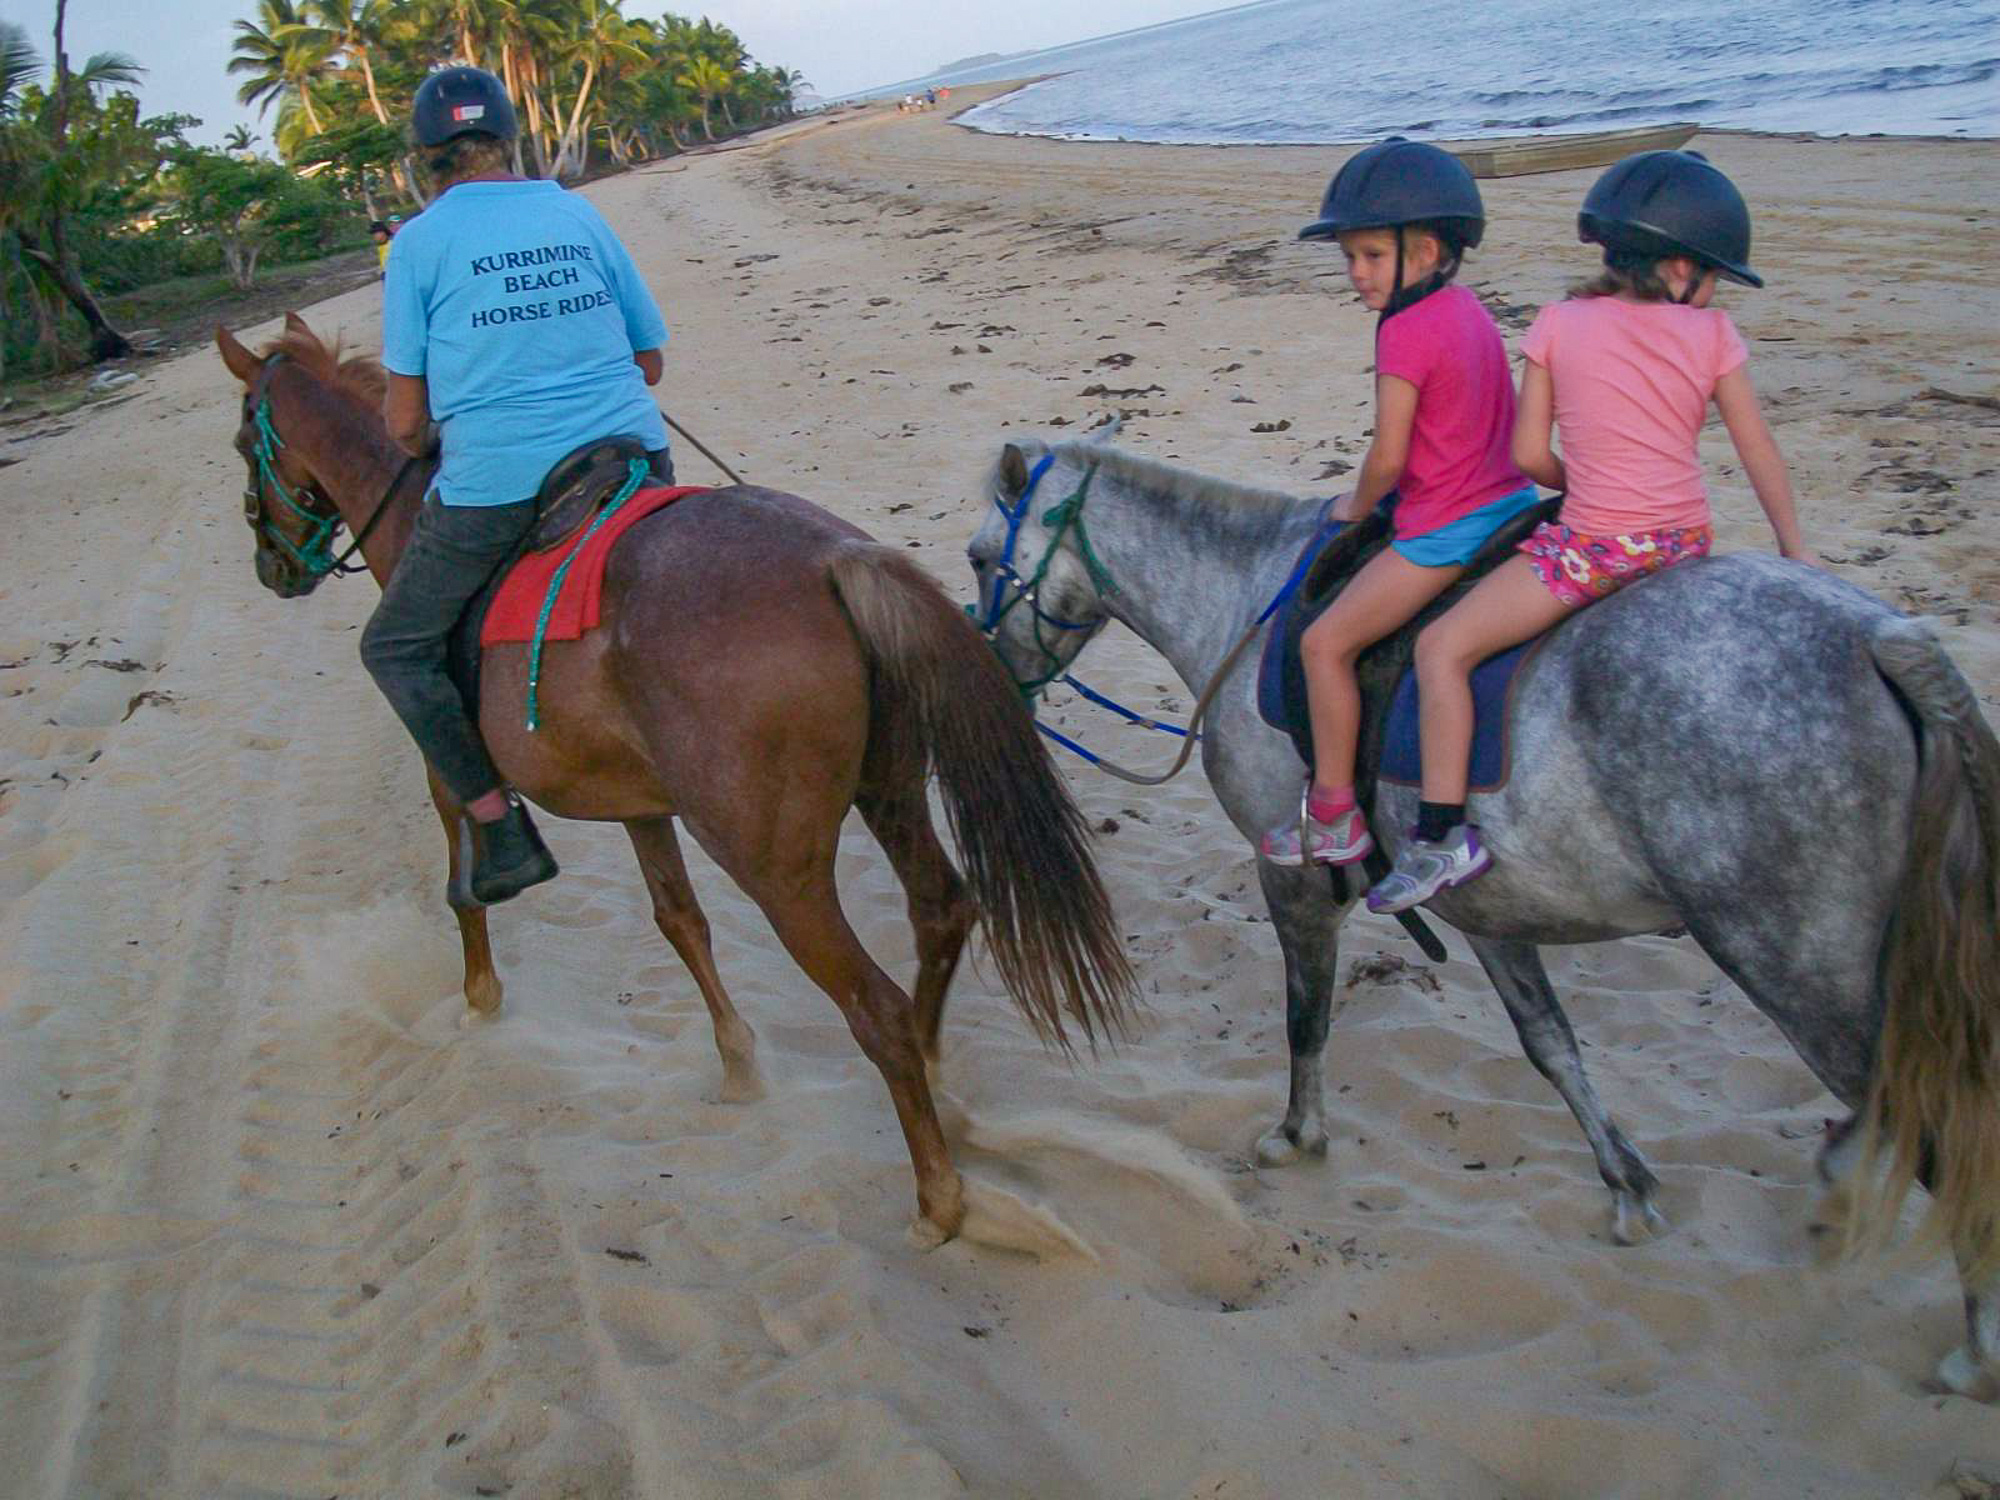 beach-horse-riding-6